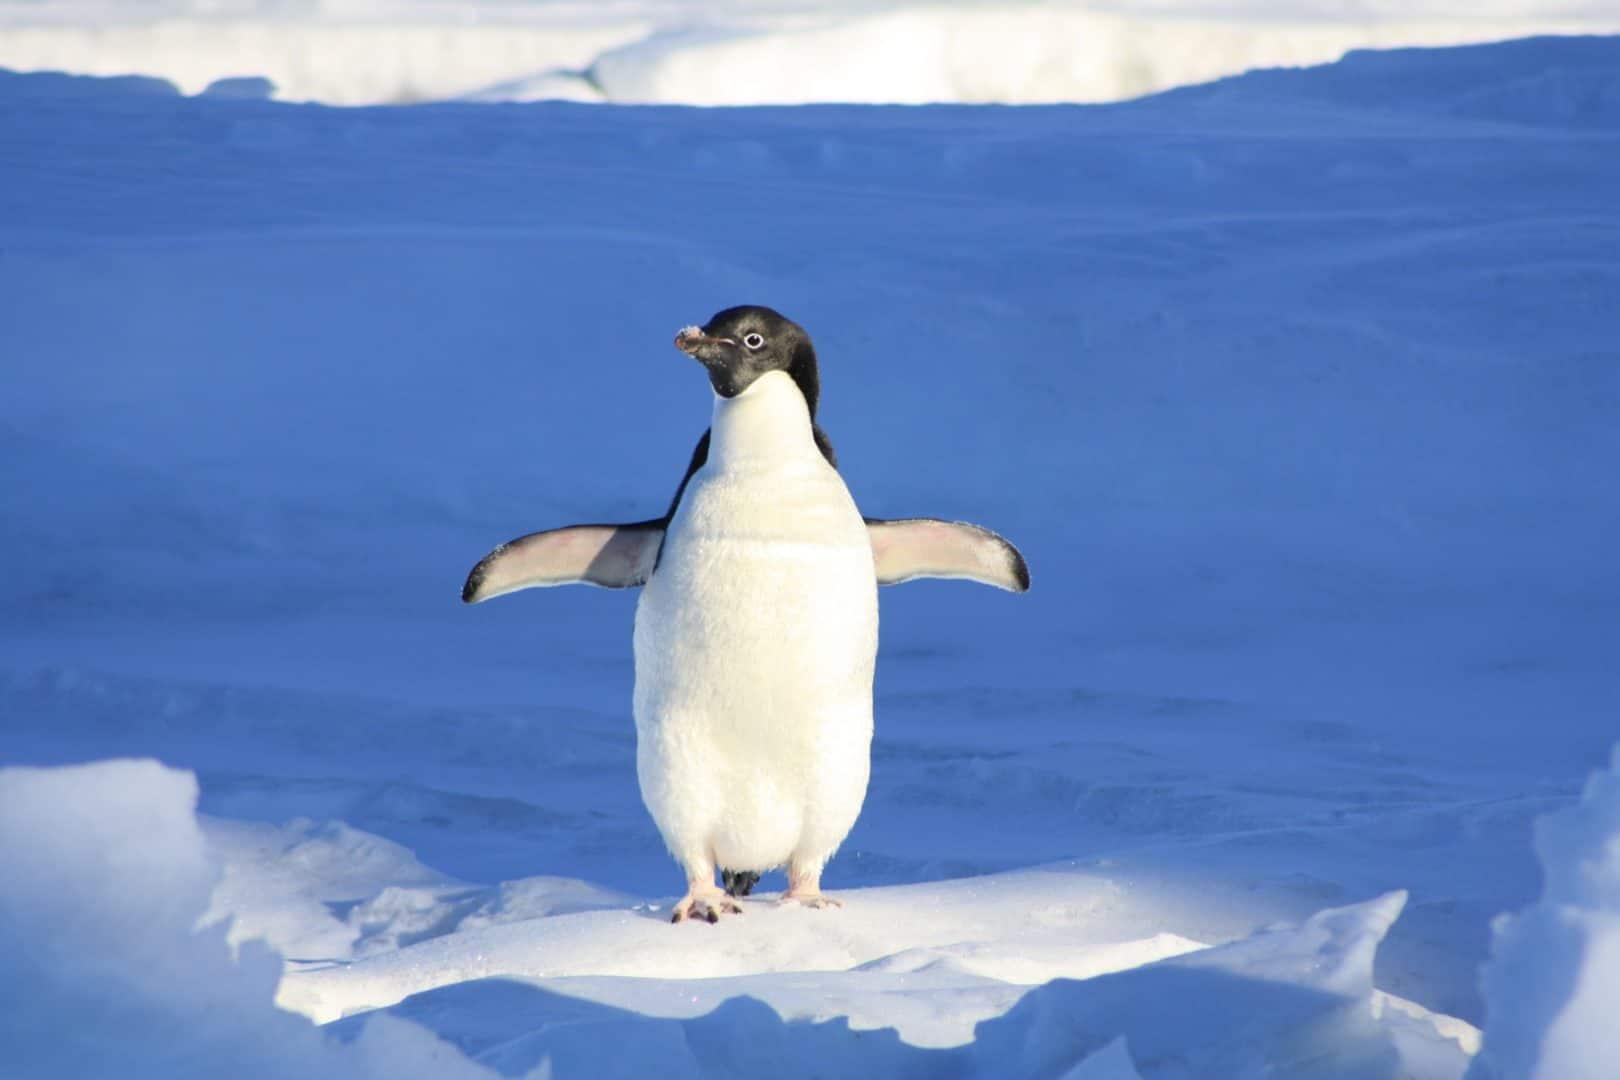 Pingu on Ice